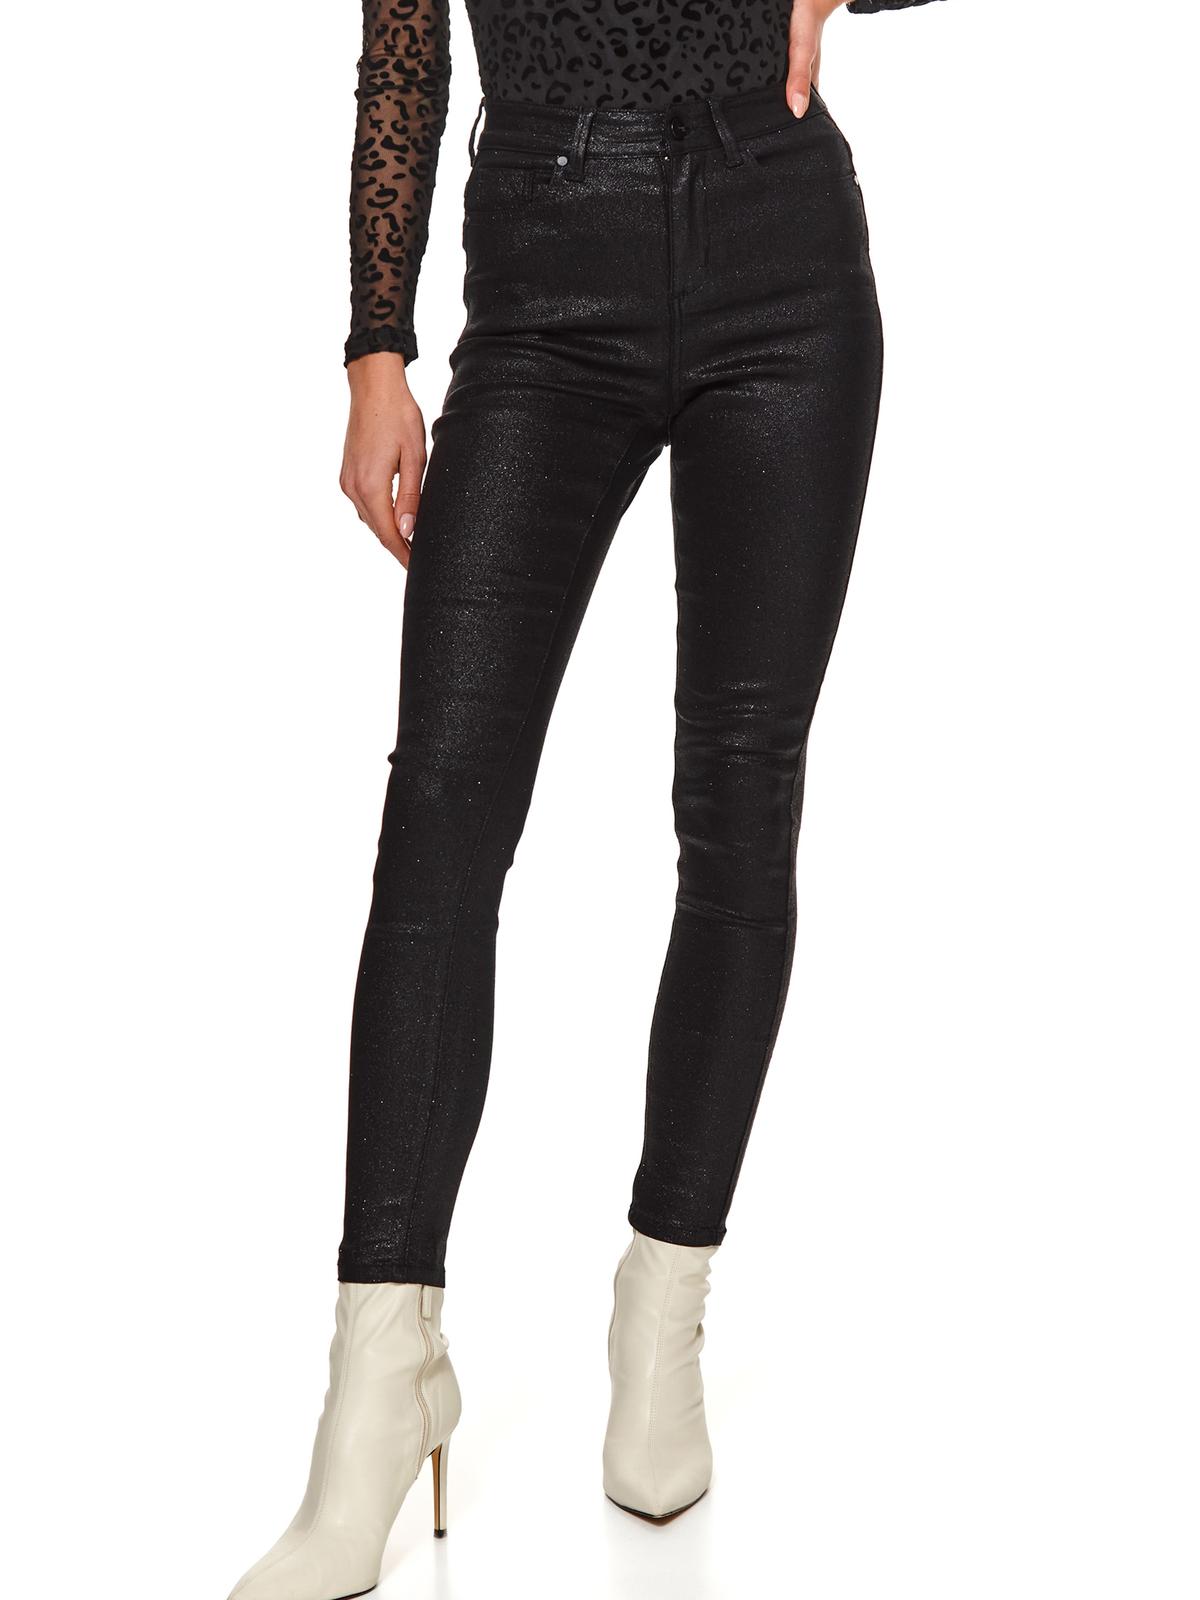 Pantaloni Top Secret negri casual lungi conici cu buzunare si aplicatii cu sclipici